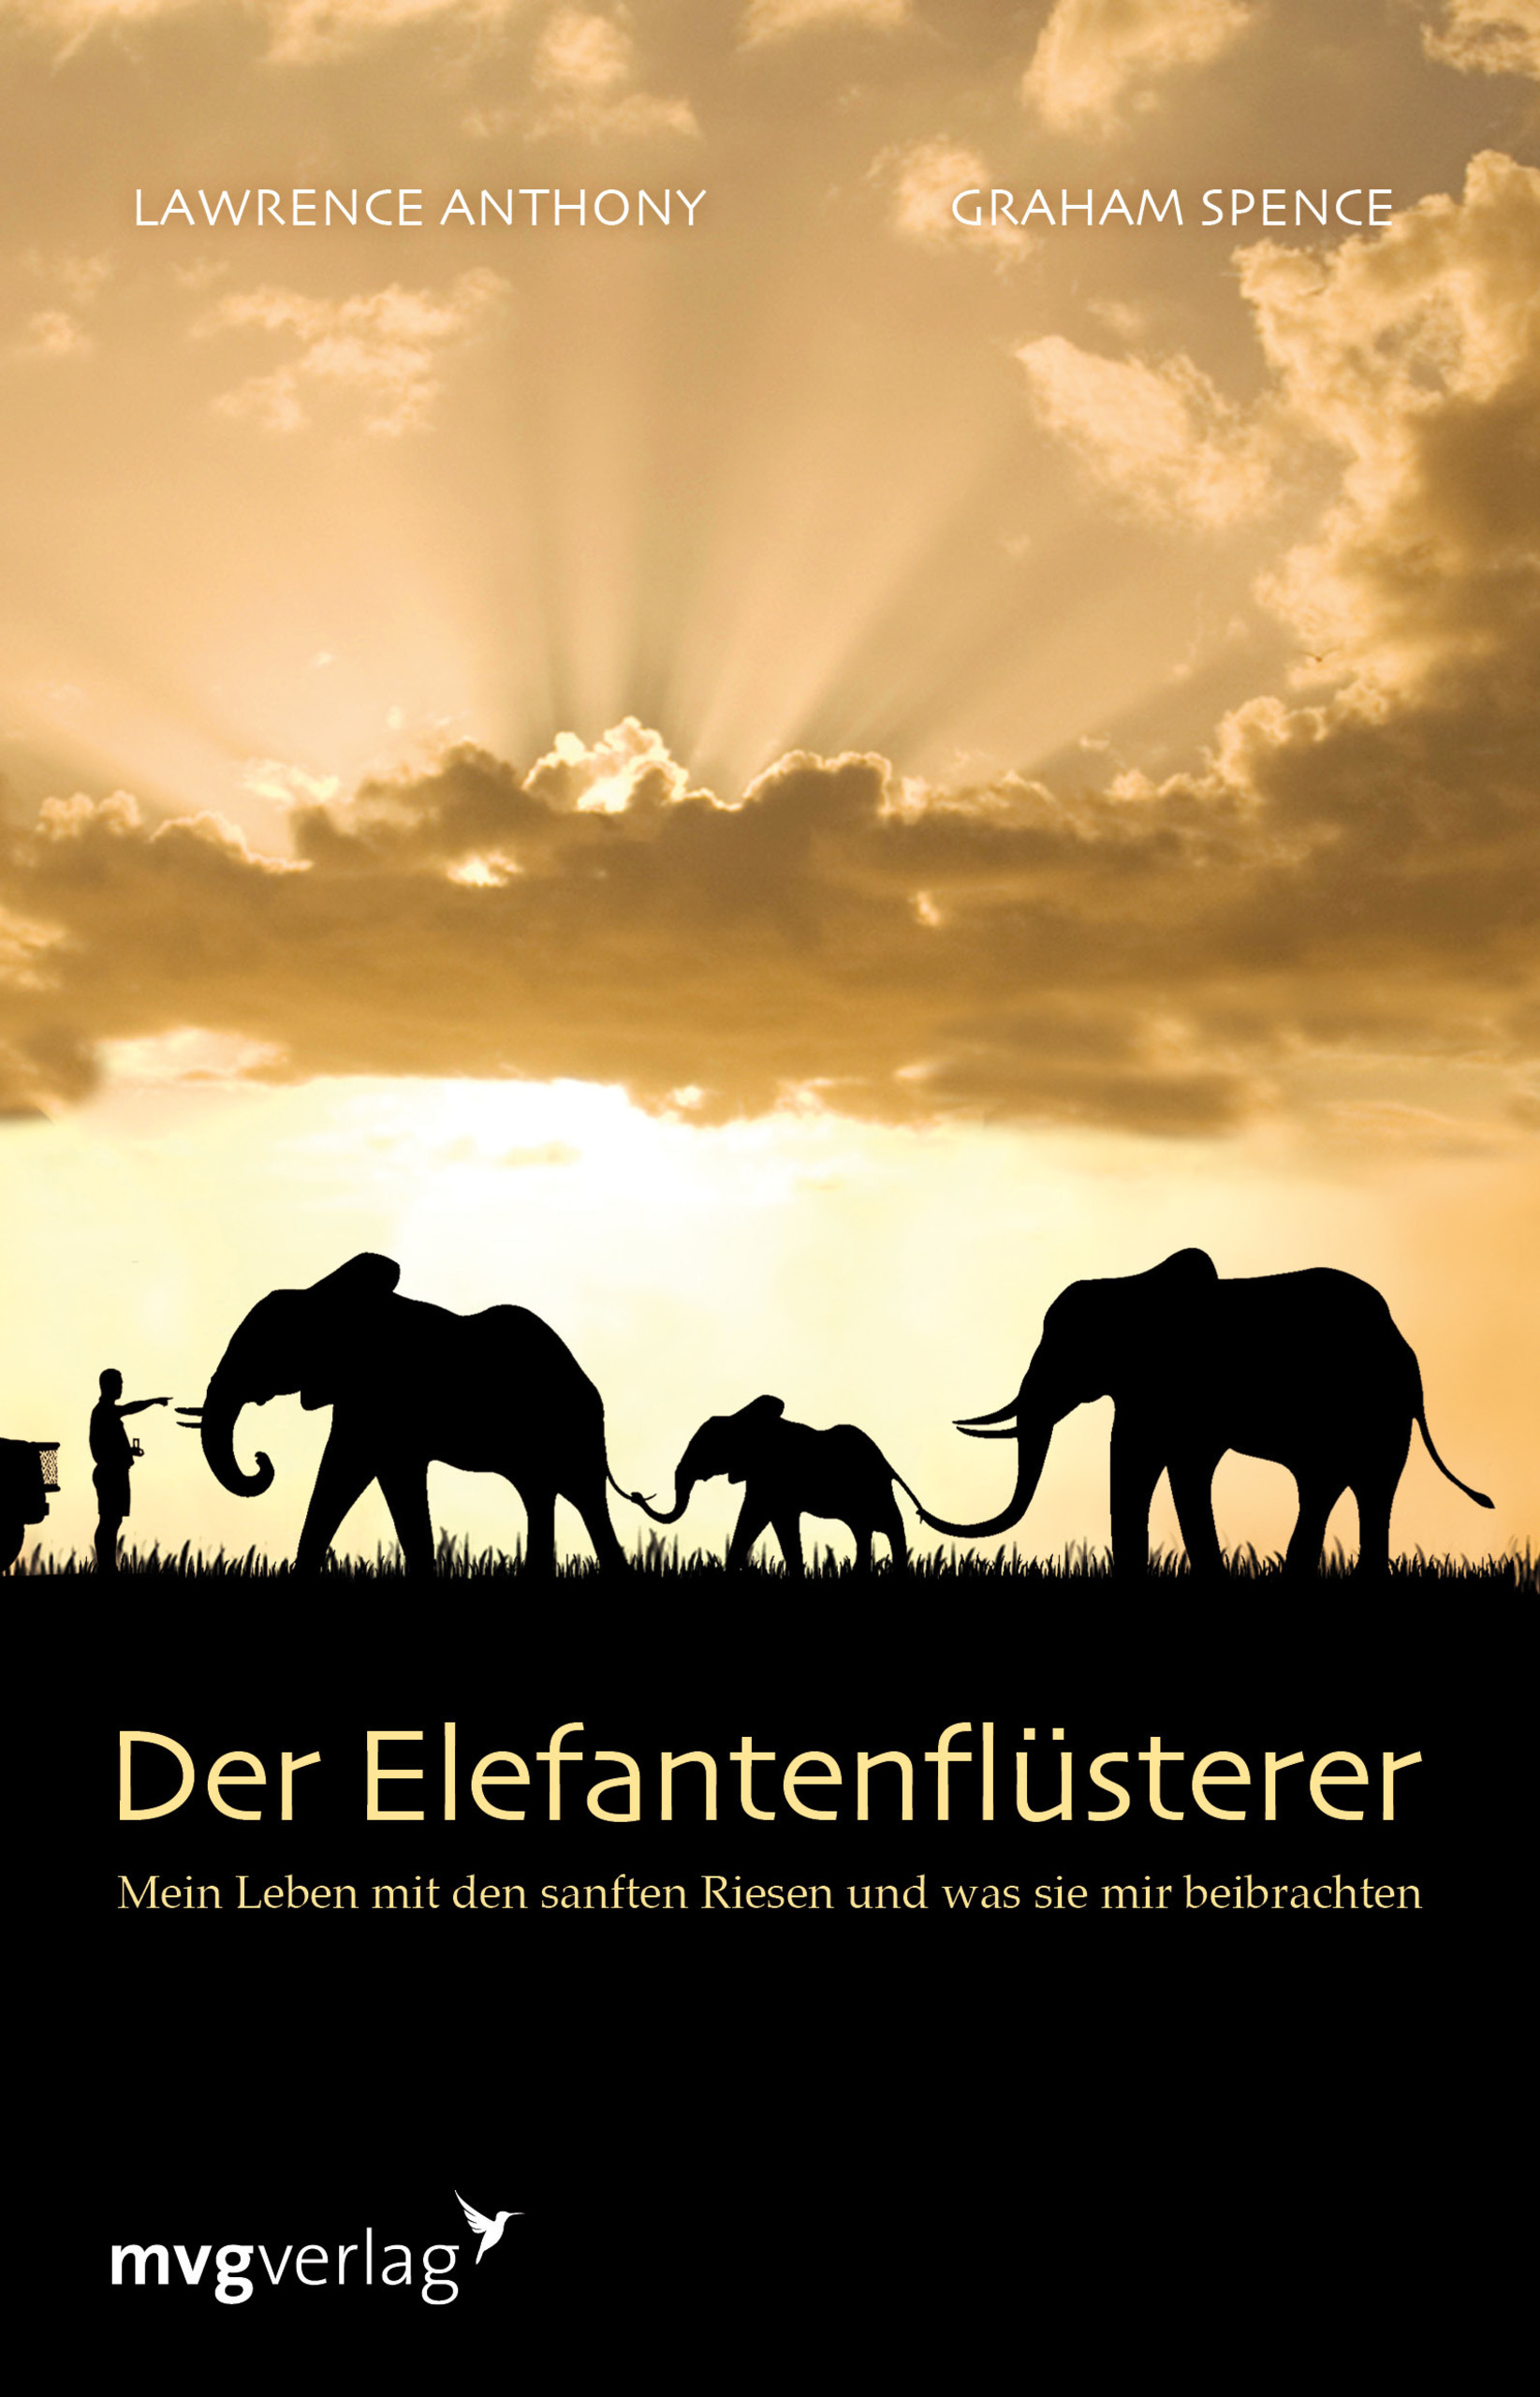 Der Elefantenflüsterer: Mein Leben mit den sanften Riesen und was sie mir beibrachten - Lawrence Anthony, Graham Spence